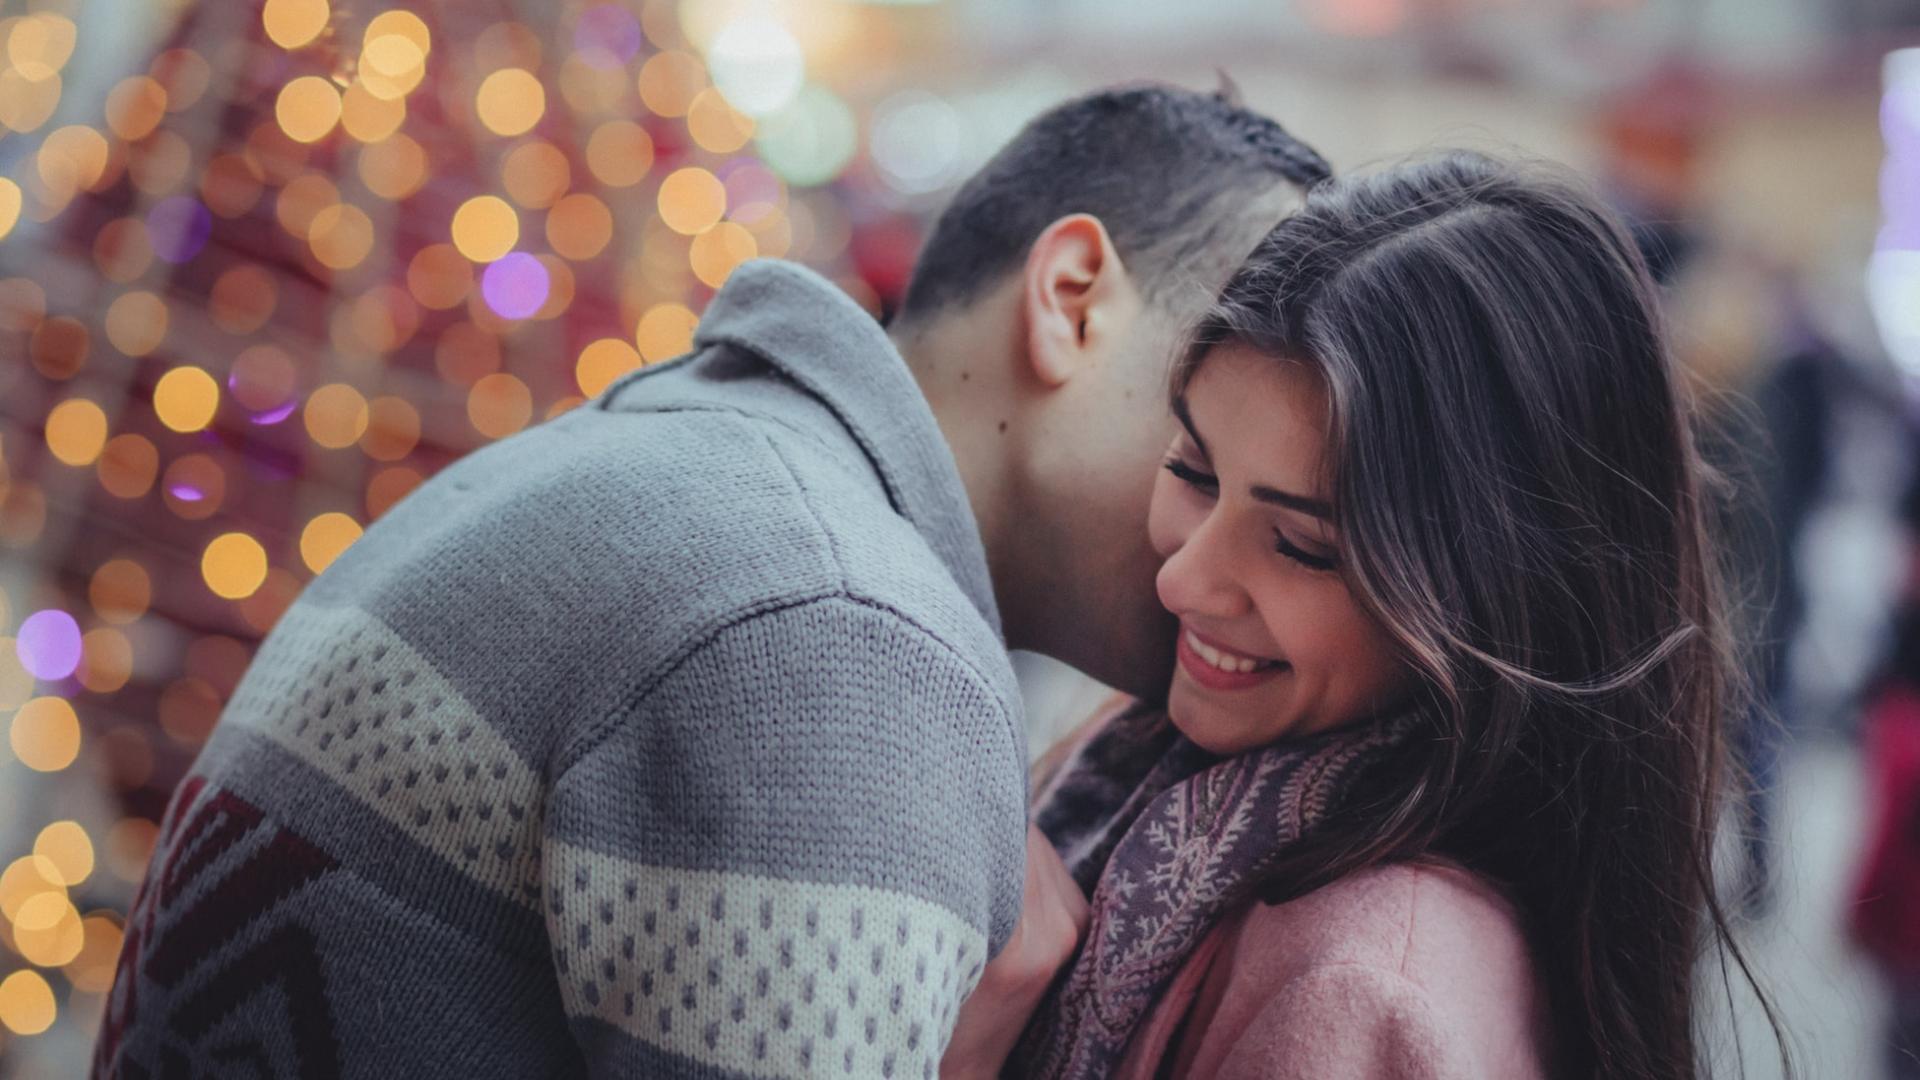 Couple kissing Christmas